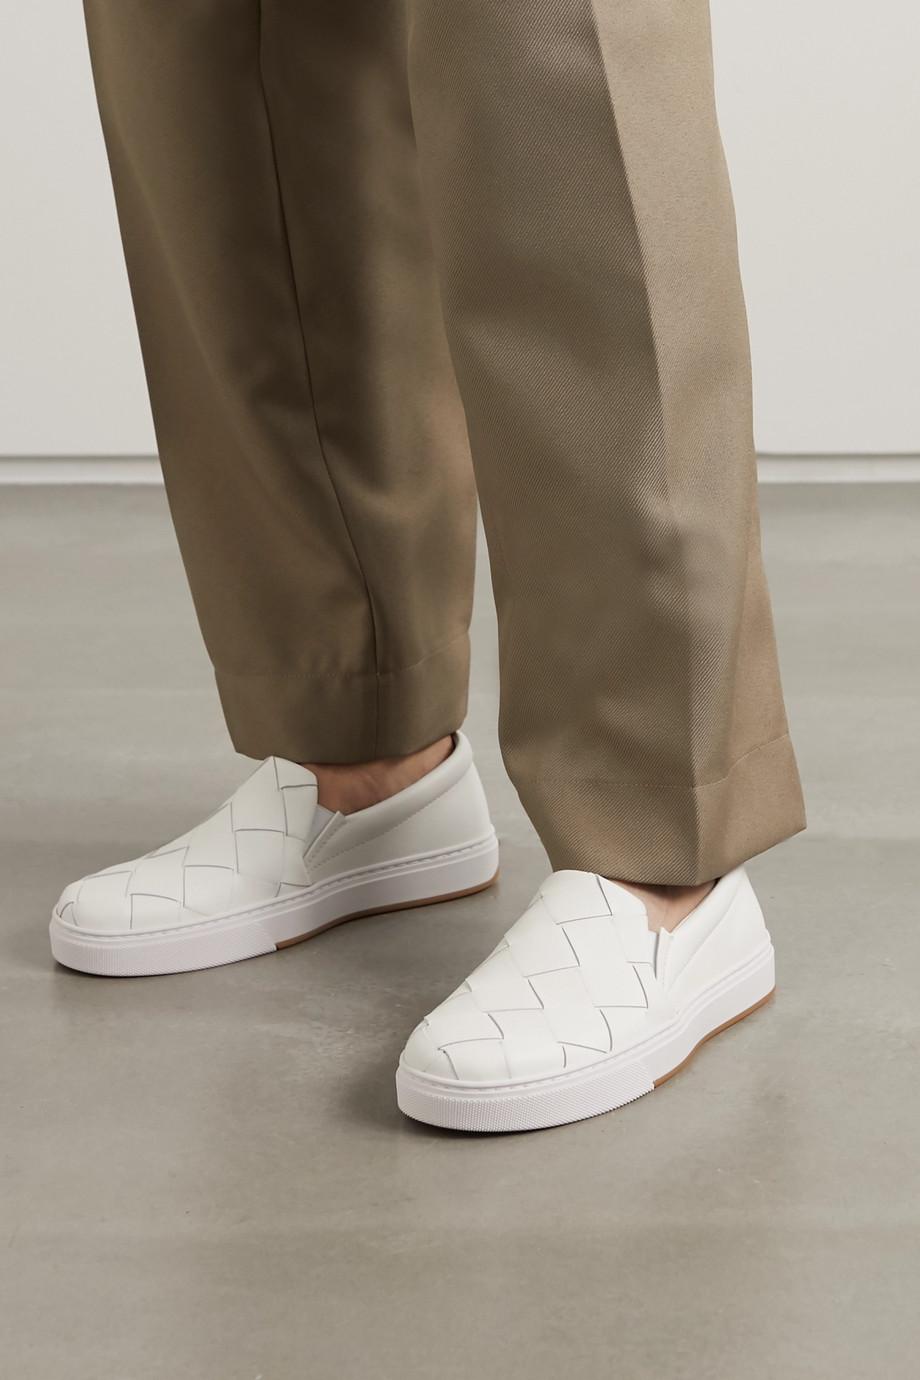 Bottega Veneta Speedster intrecciato leather slip-on sneakers